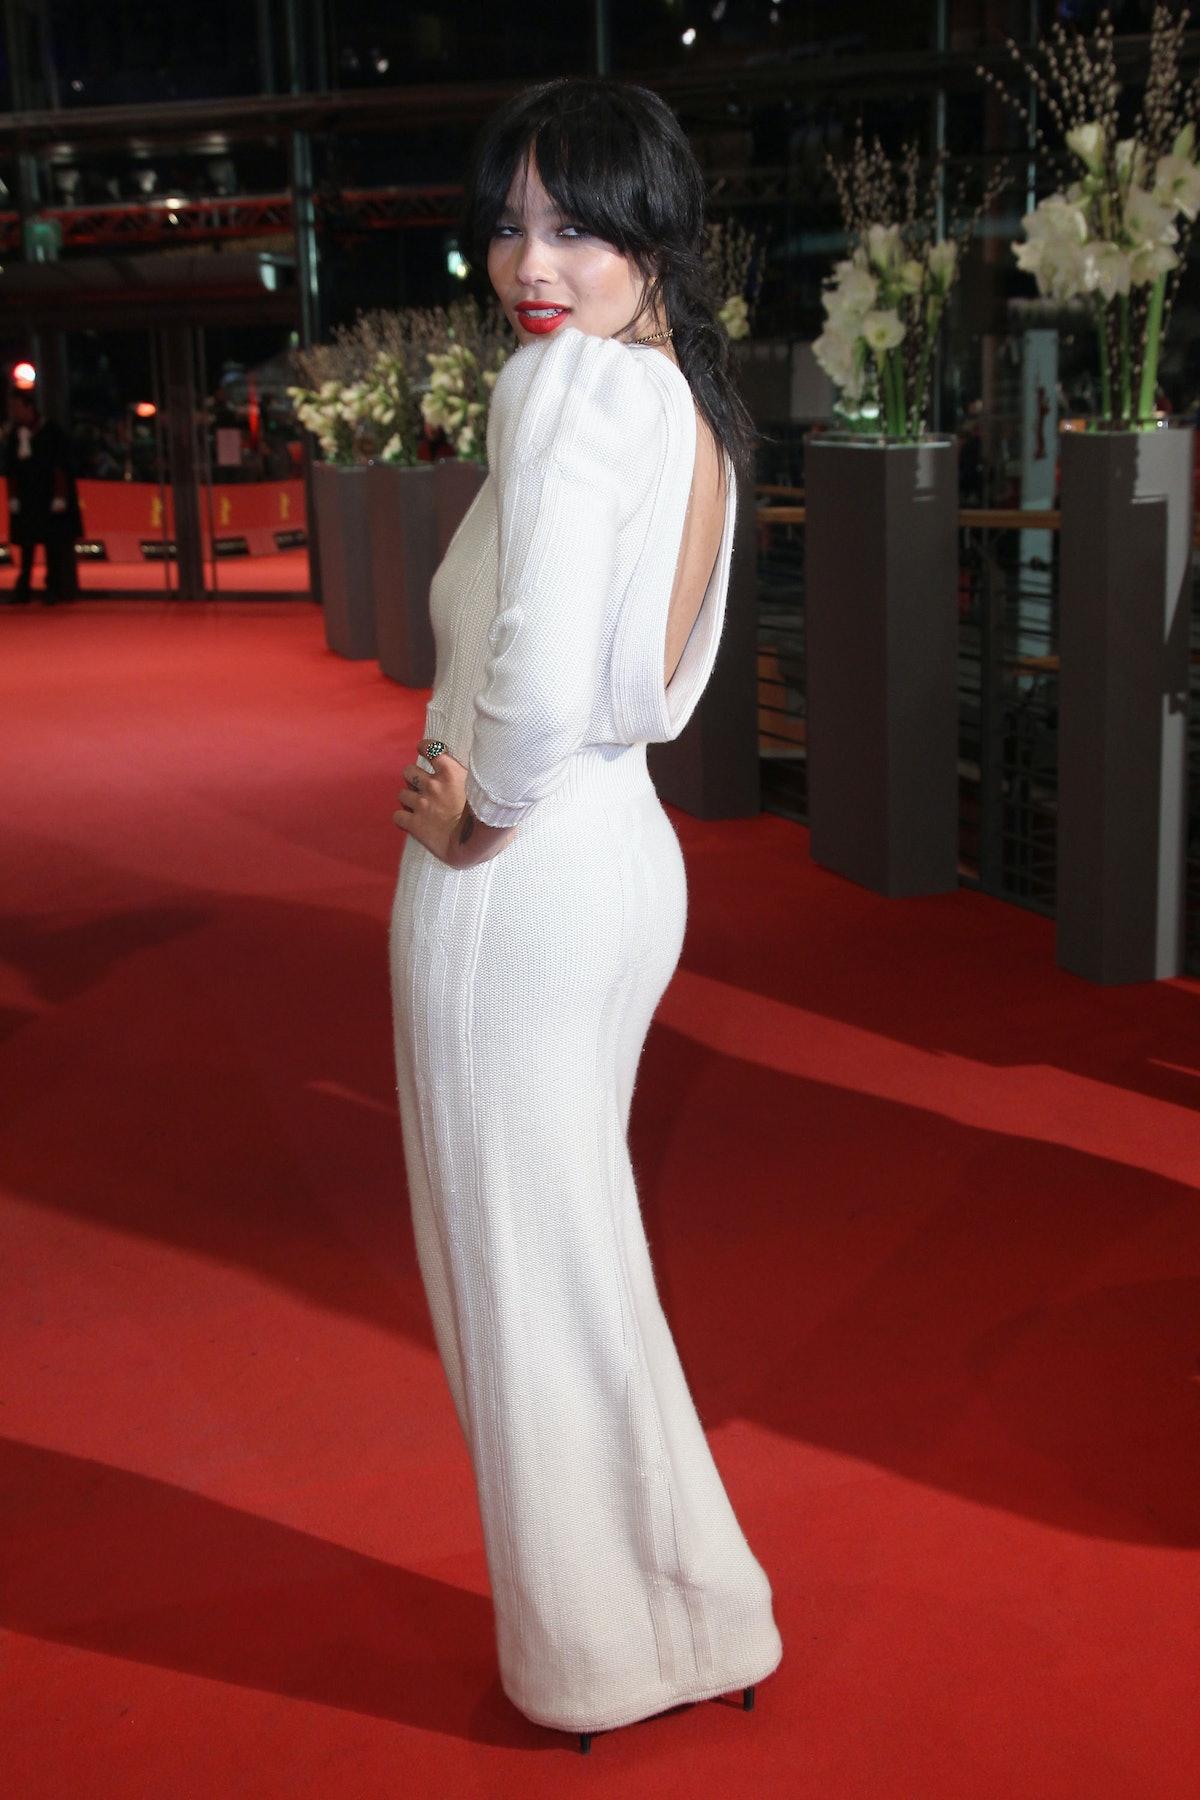 Zoe Kravitz in white gown.